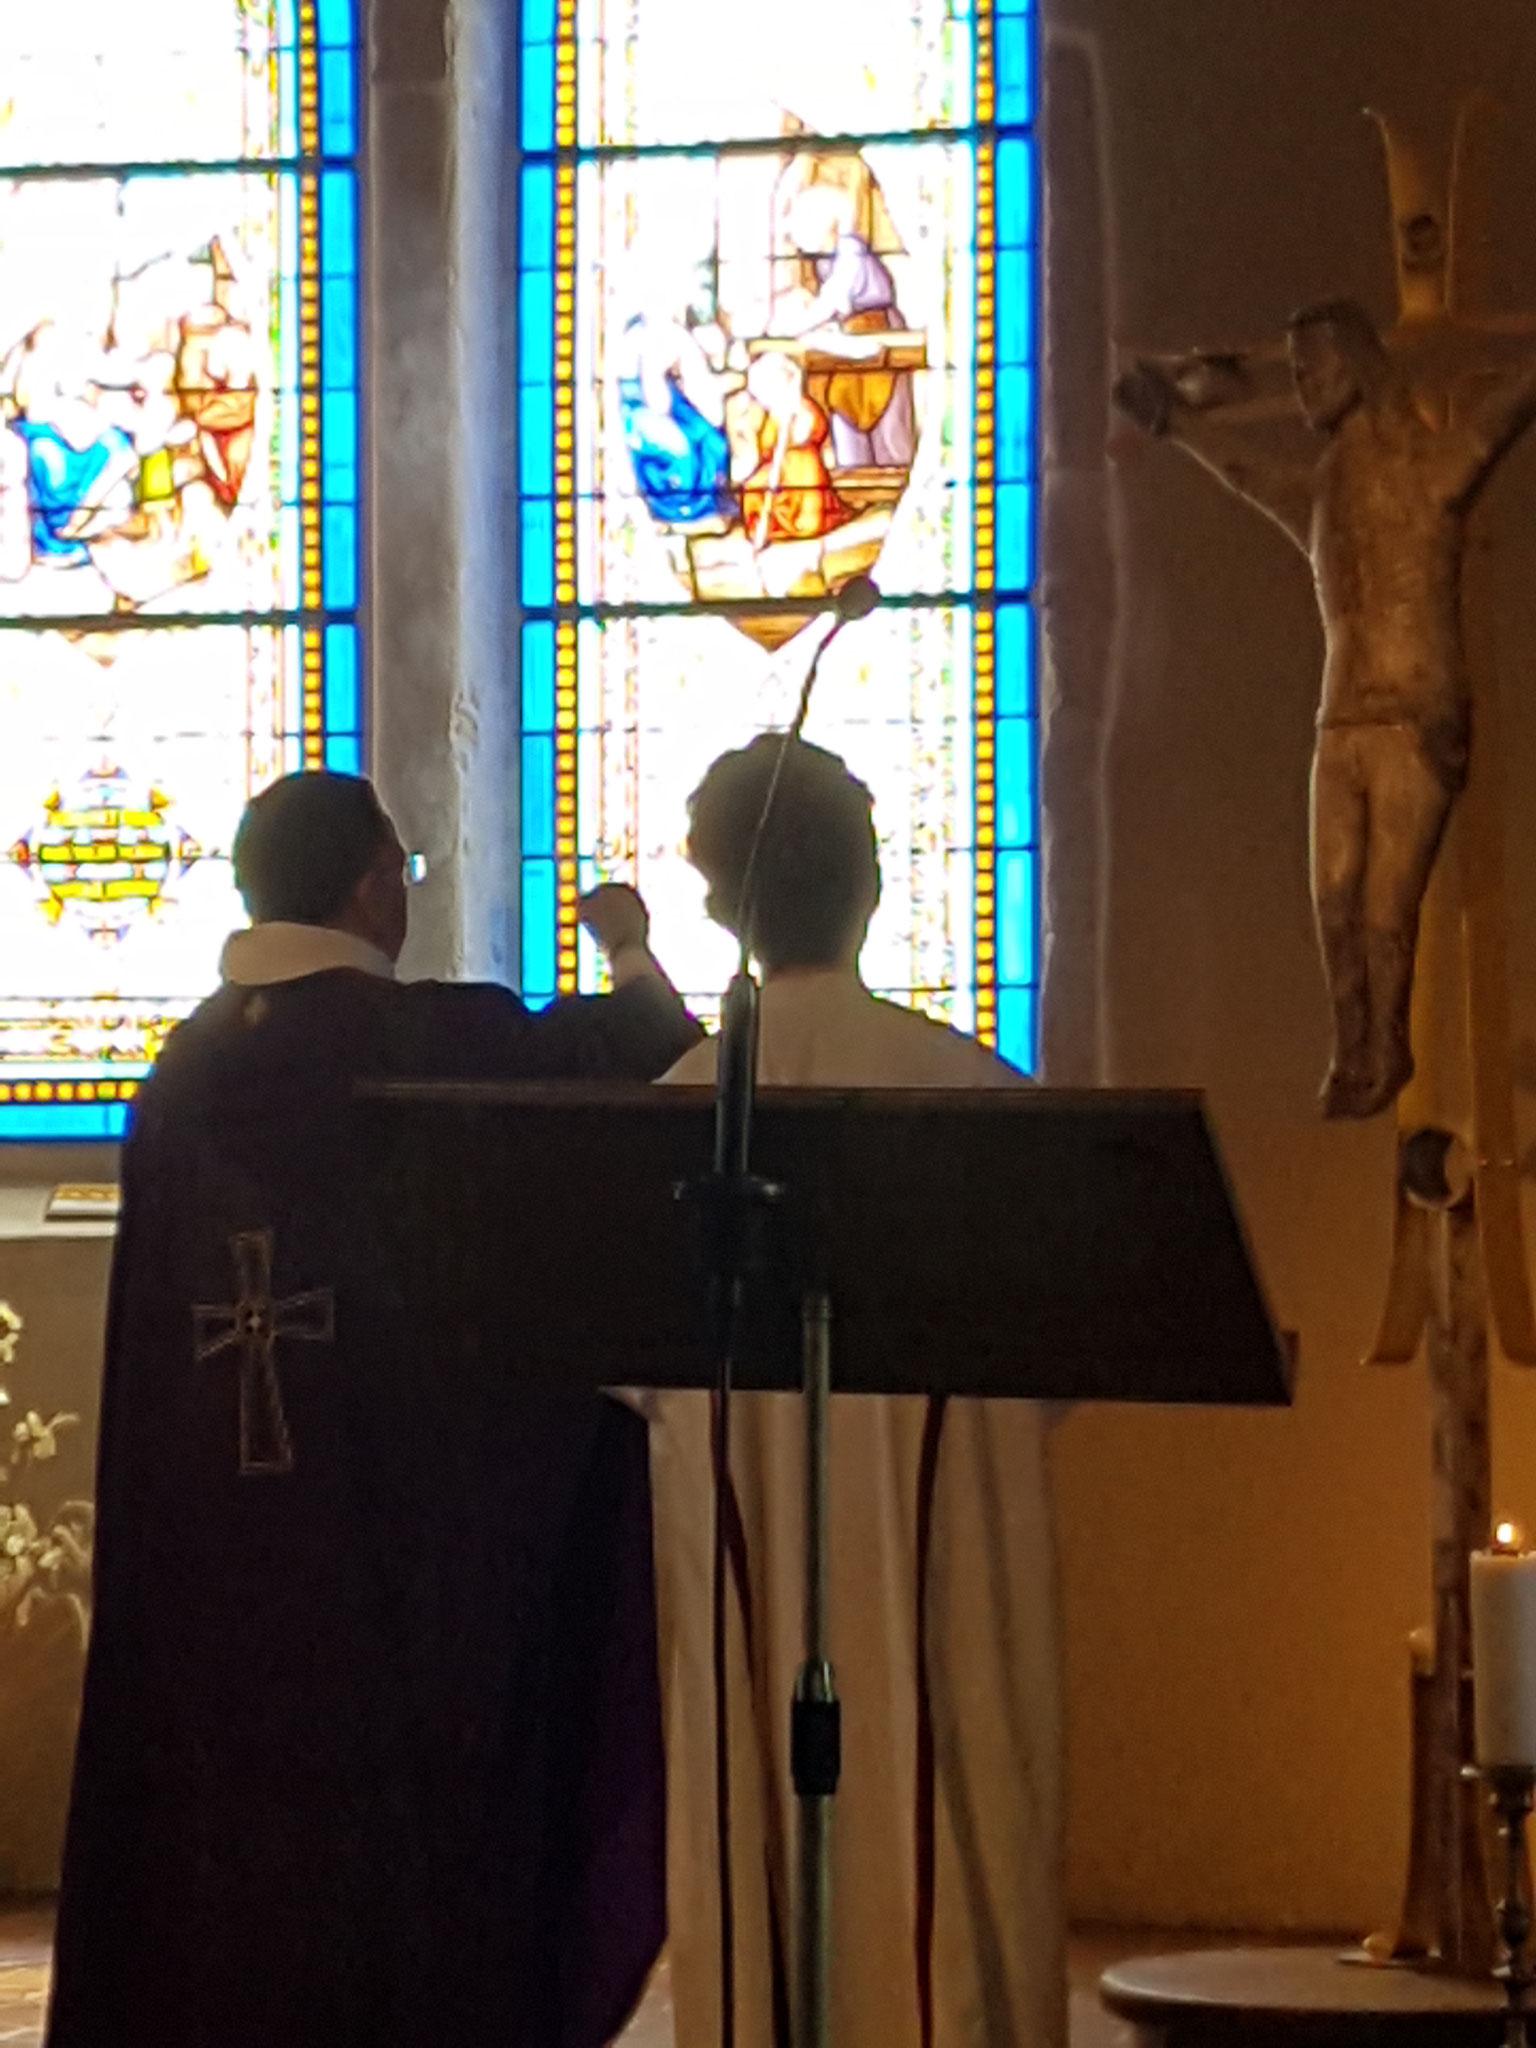 Tous les éléments rappelant la joie (notamment les fleurs) ont été remis en place lors de l'offertoire. Les cierges ont été éclairés.